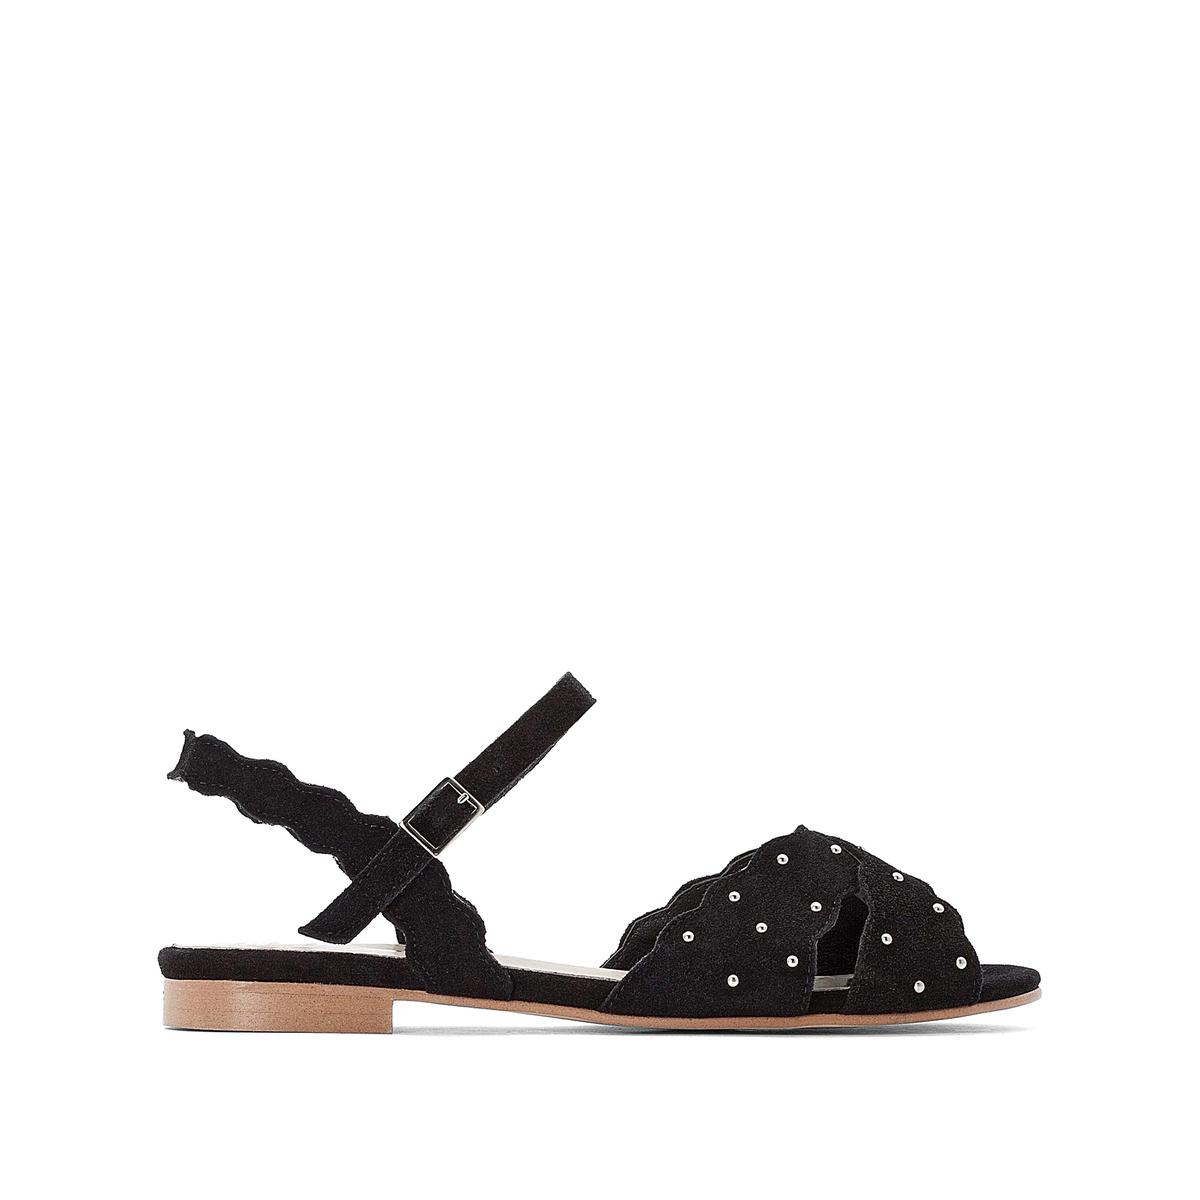 Sandalias planas con correa y detalles de tachuelas